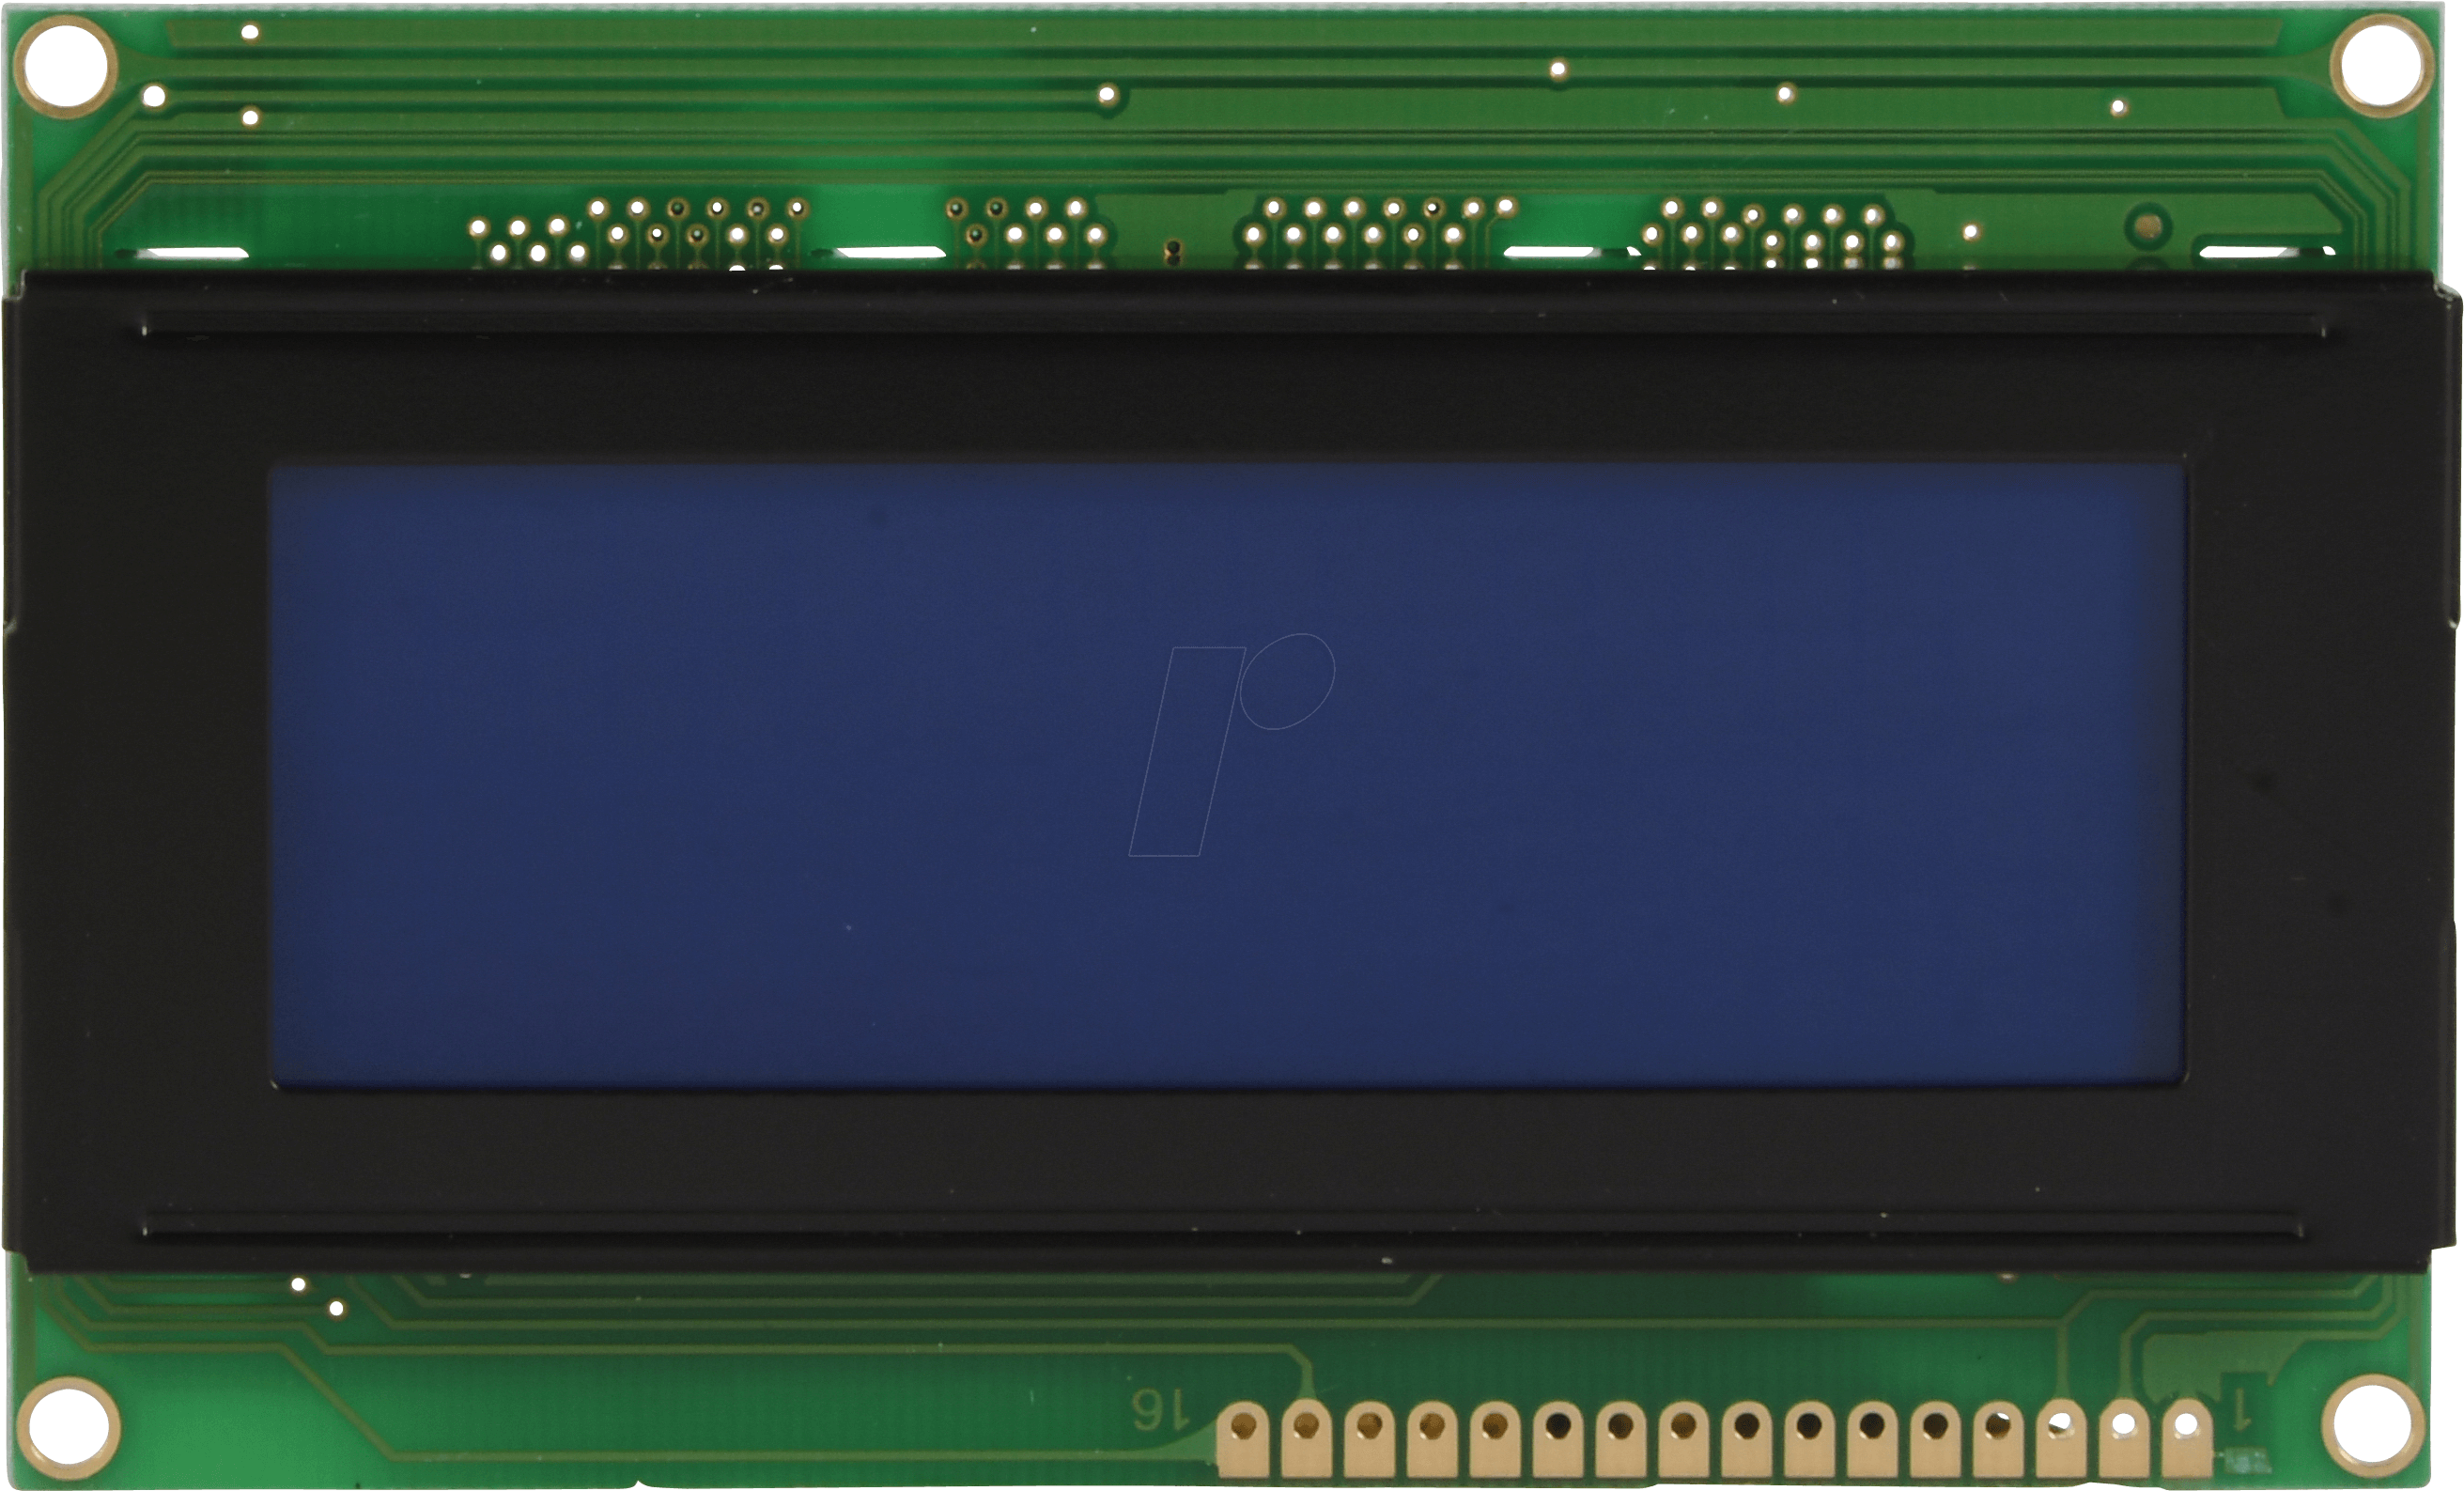 https://cdn-reichelt.de/bilder/web/xxl_ws/A500/LCD-PM_4X20-5_D.png